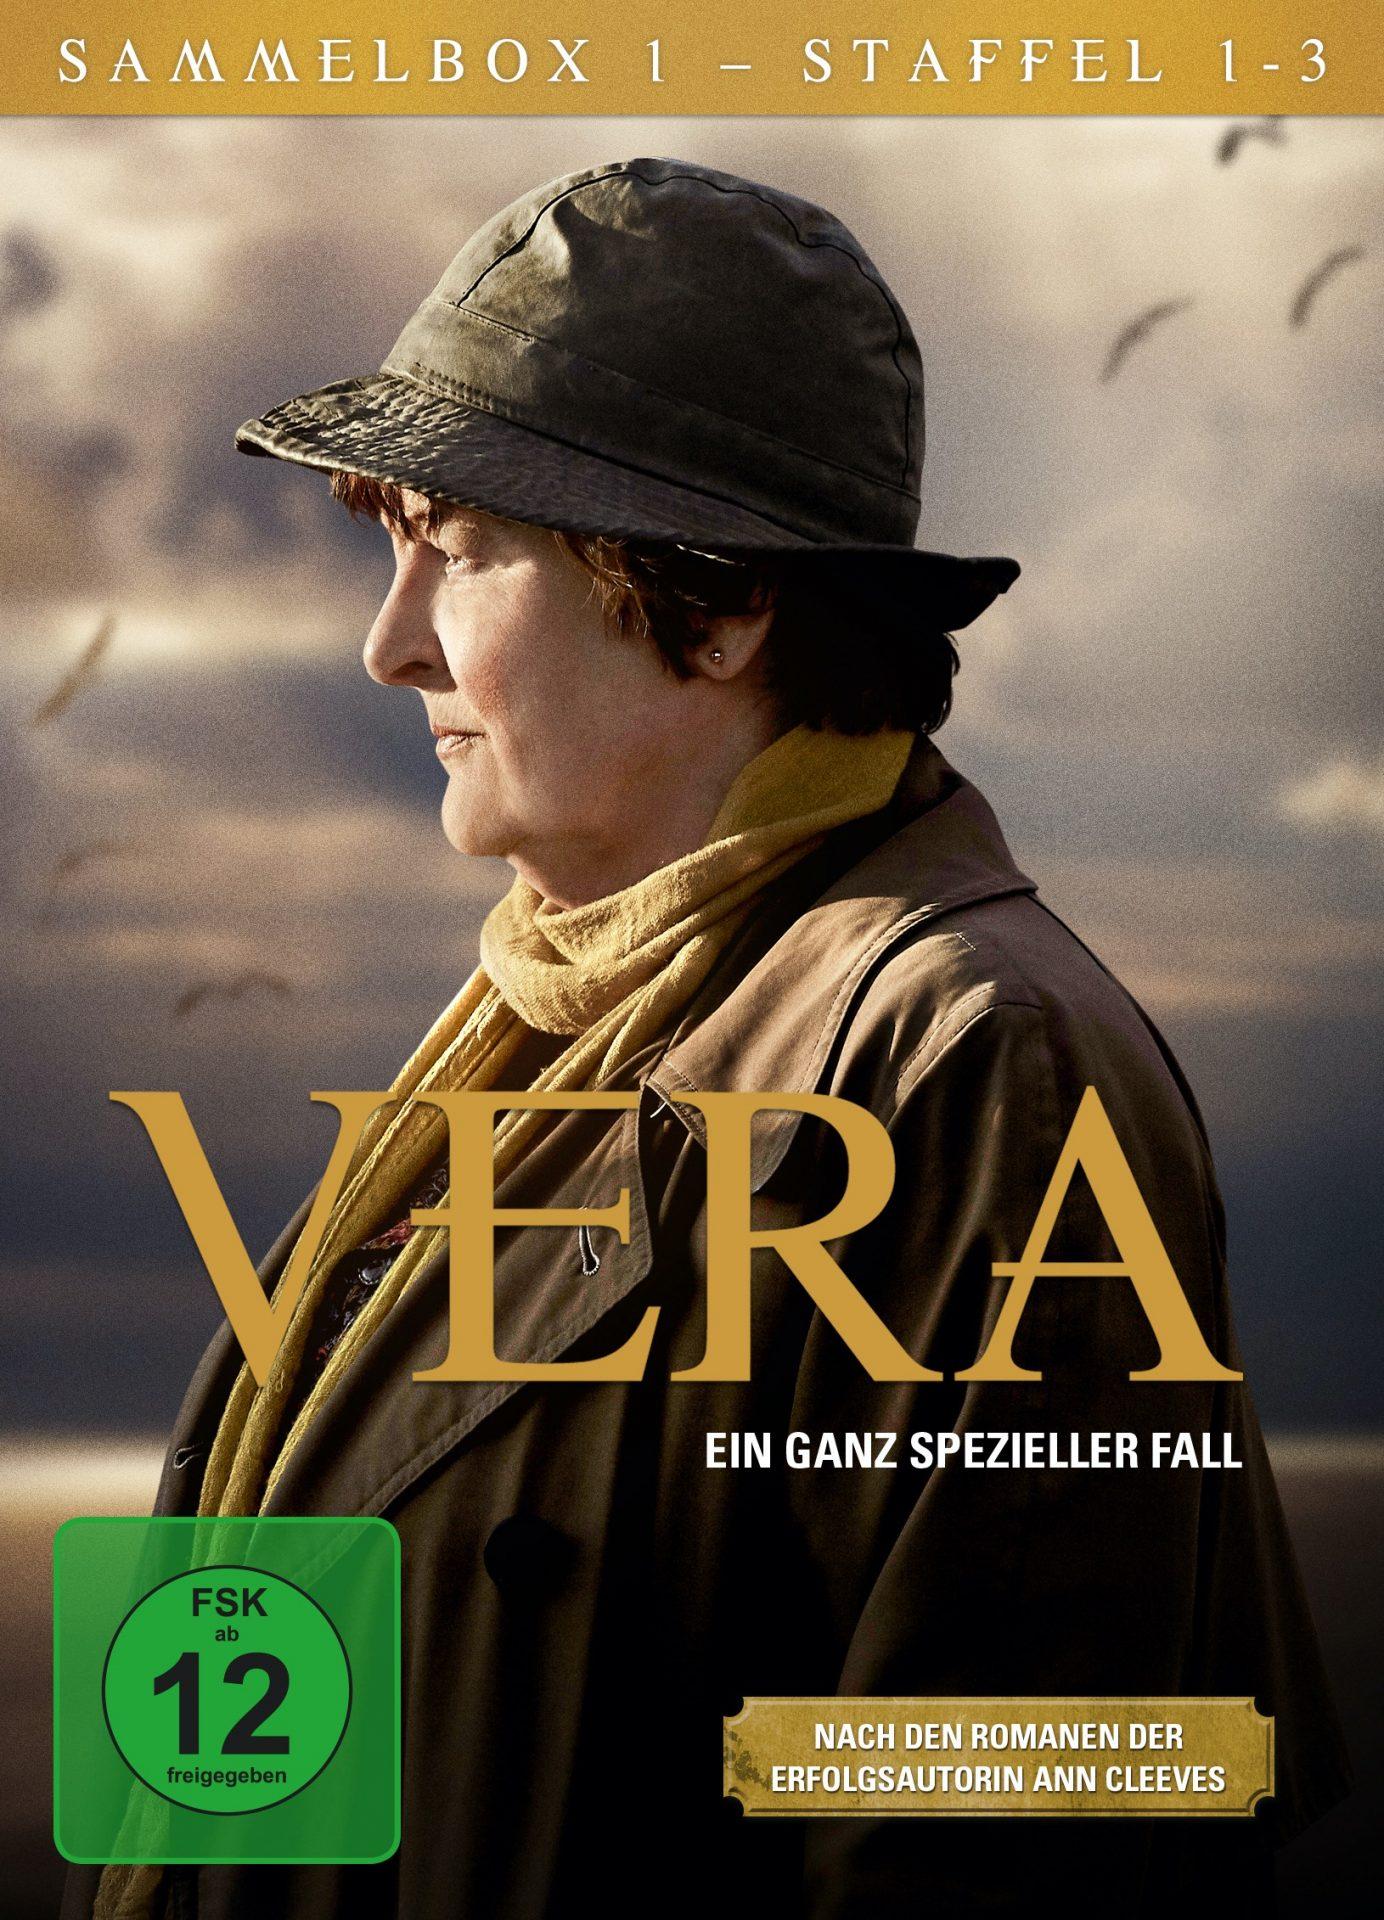 Vera - Ein ganz spezieller Fall Sammelbox 1